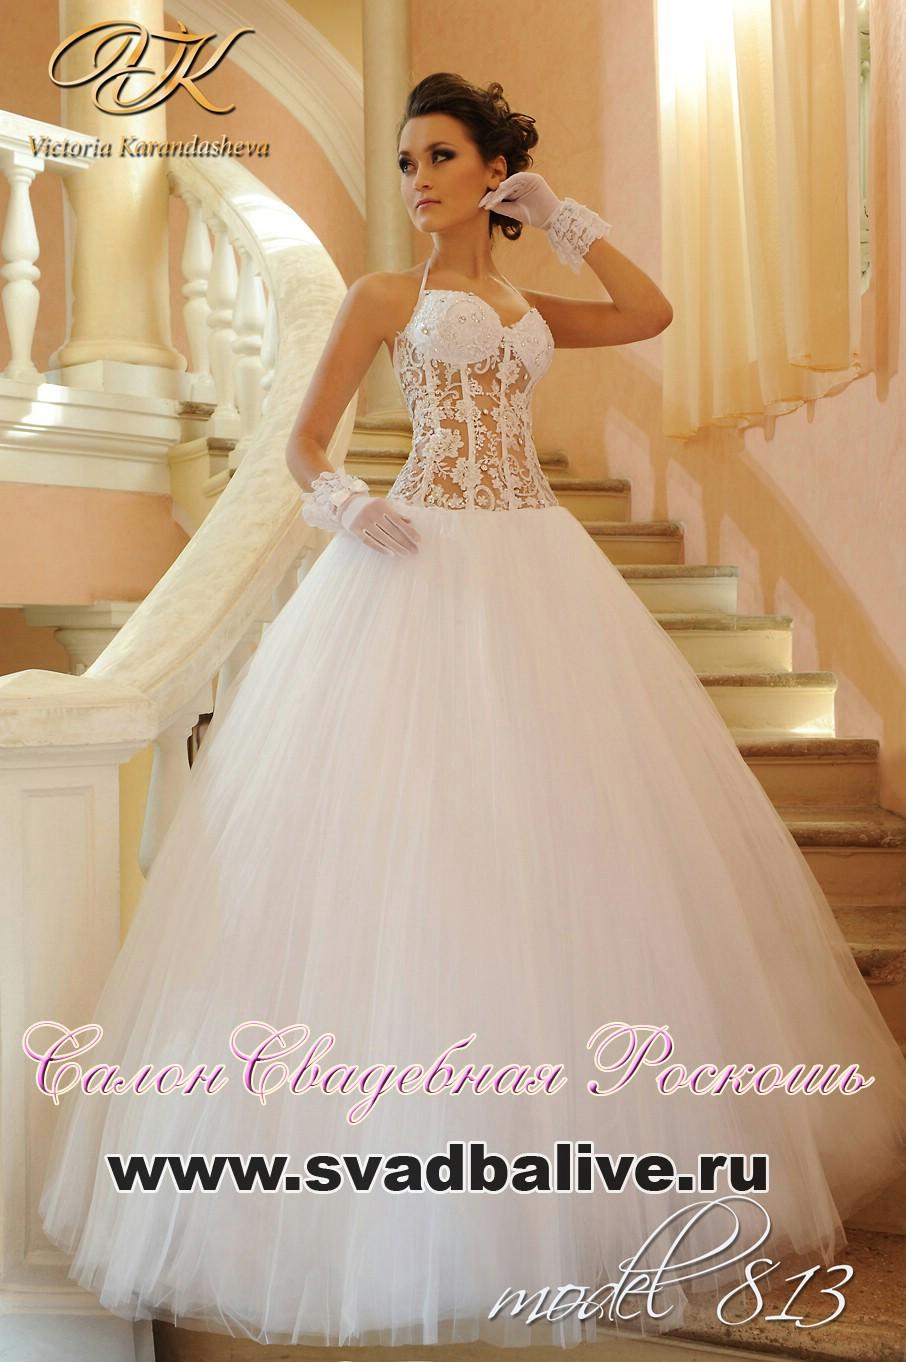 Каталог свадебных платьев цена и